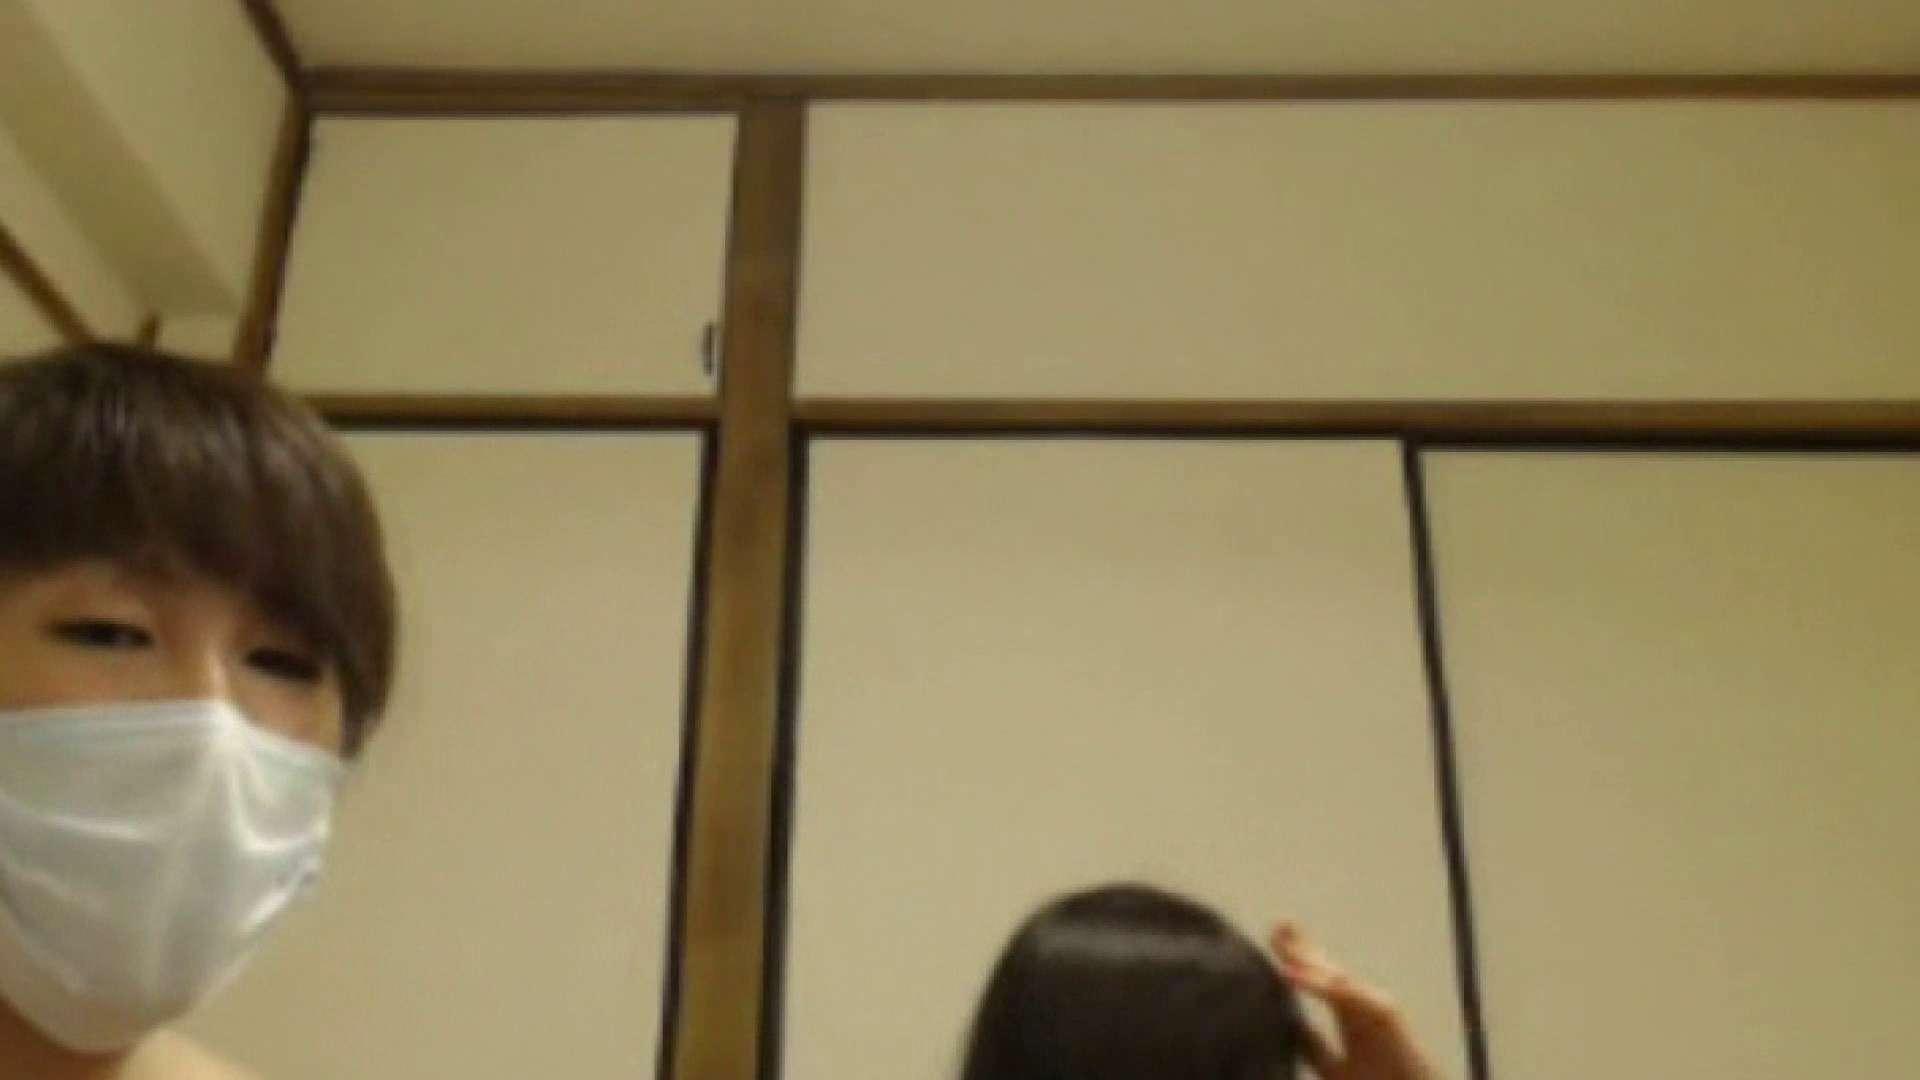 ギャルとハメハメ生チャット!Vol.21前編 SEX  92枚 21